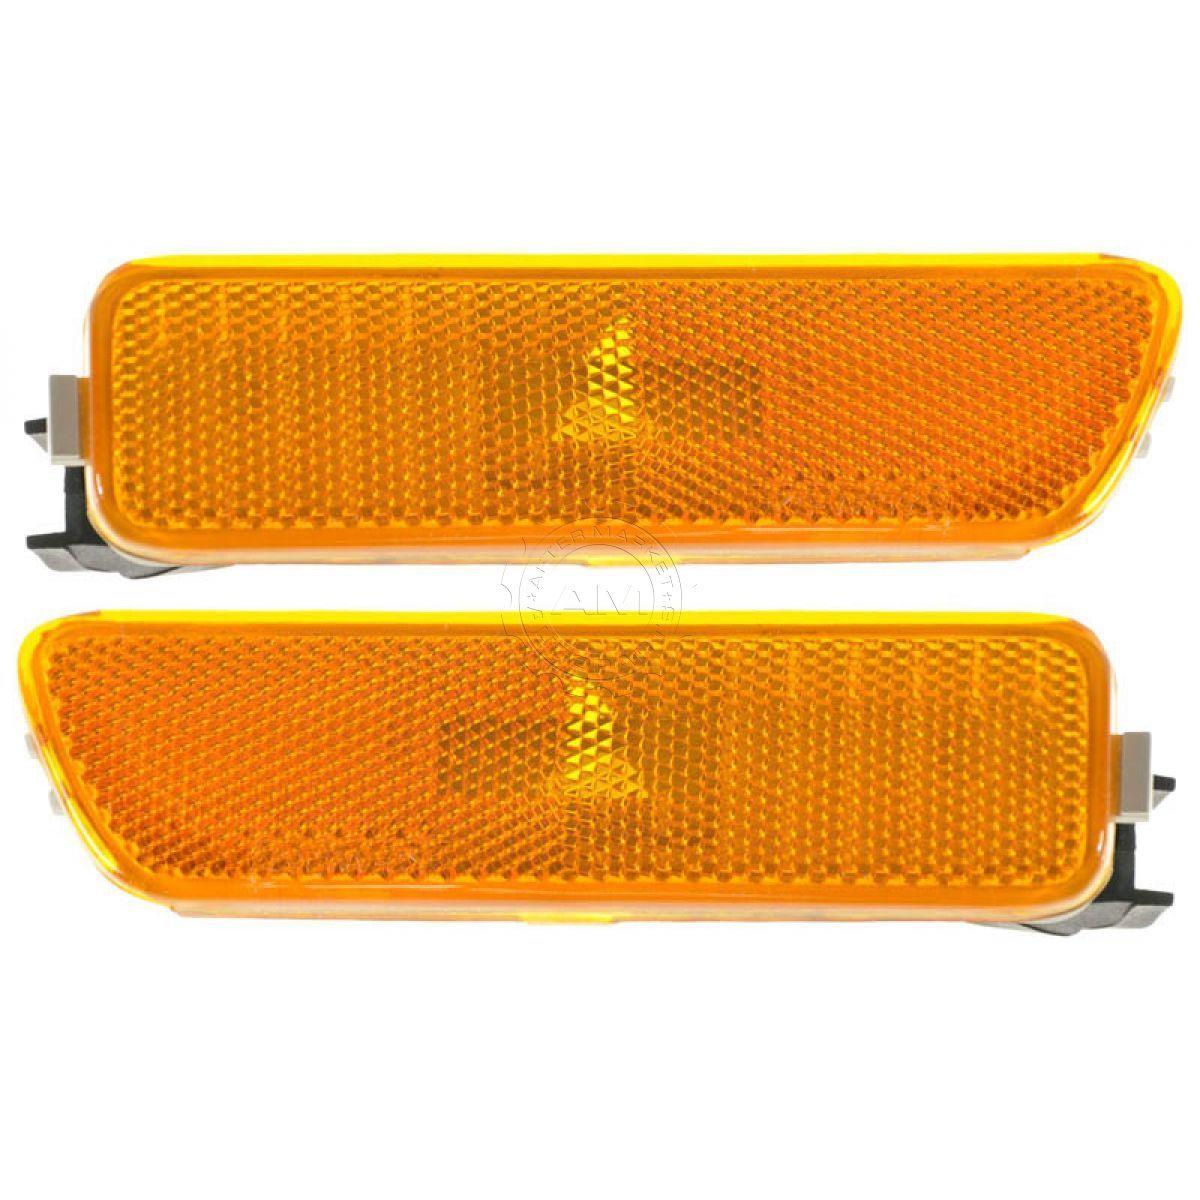 コーナーライト Side Marker Parking Turn Signal Corner Light Lamp Front Pair Set for Jetta Golf サイドマーカーパーキングターンシグナルコーナーライトランプフロントペアジェッタゴルフ用